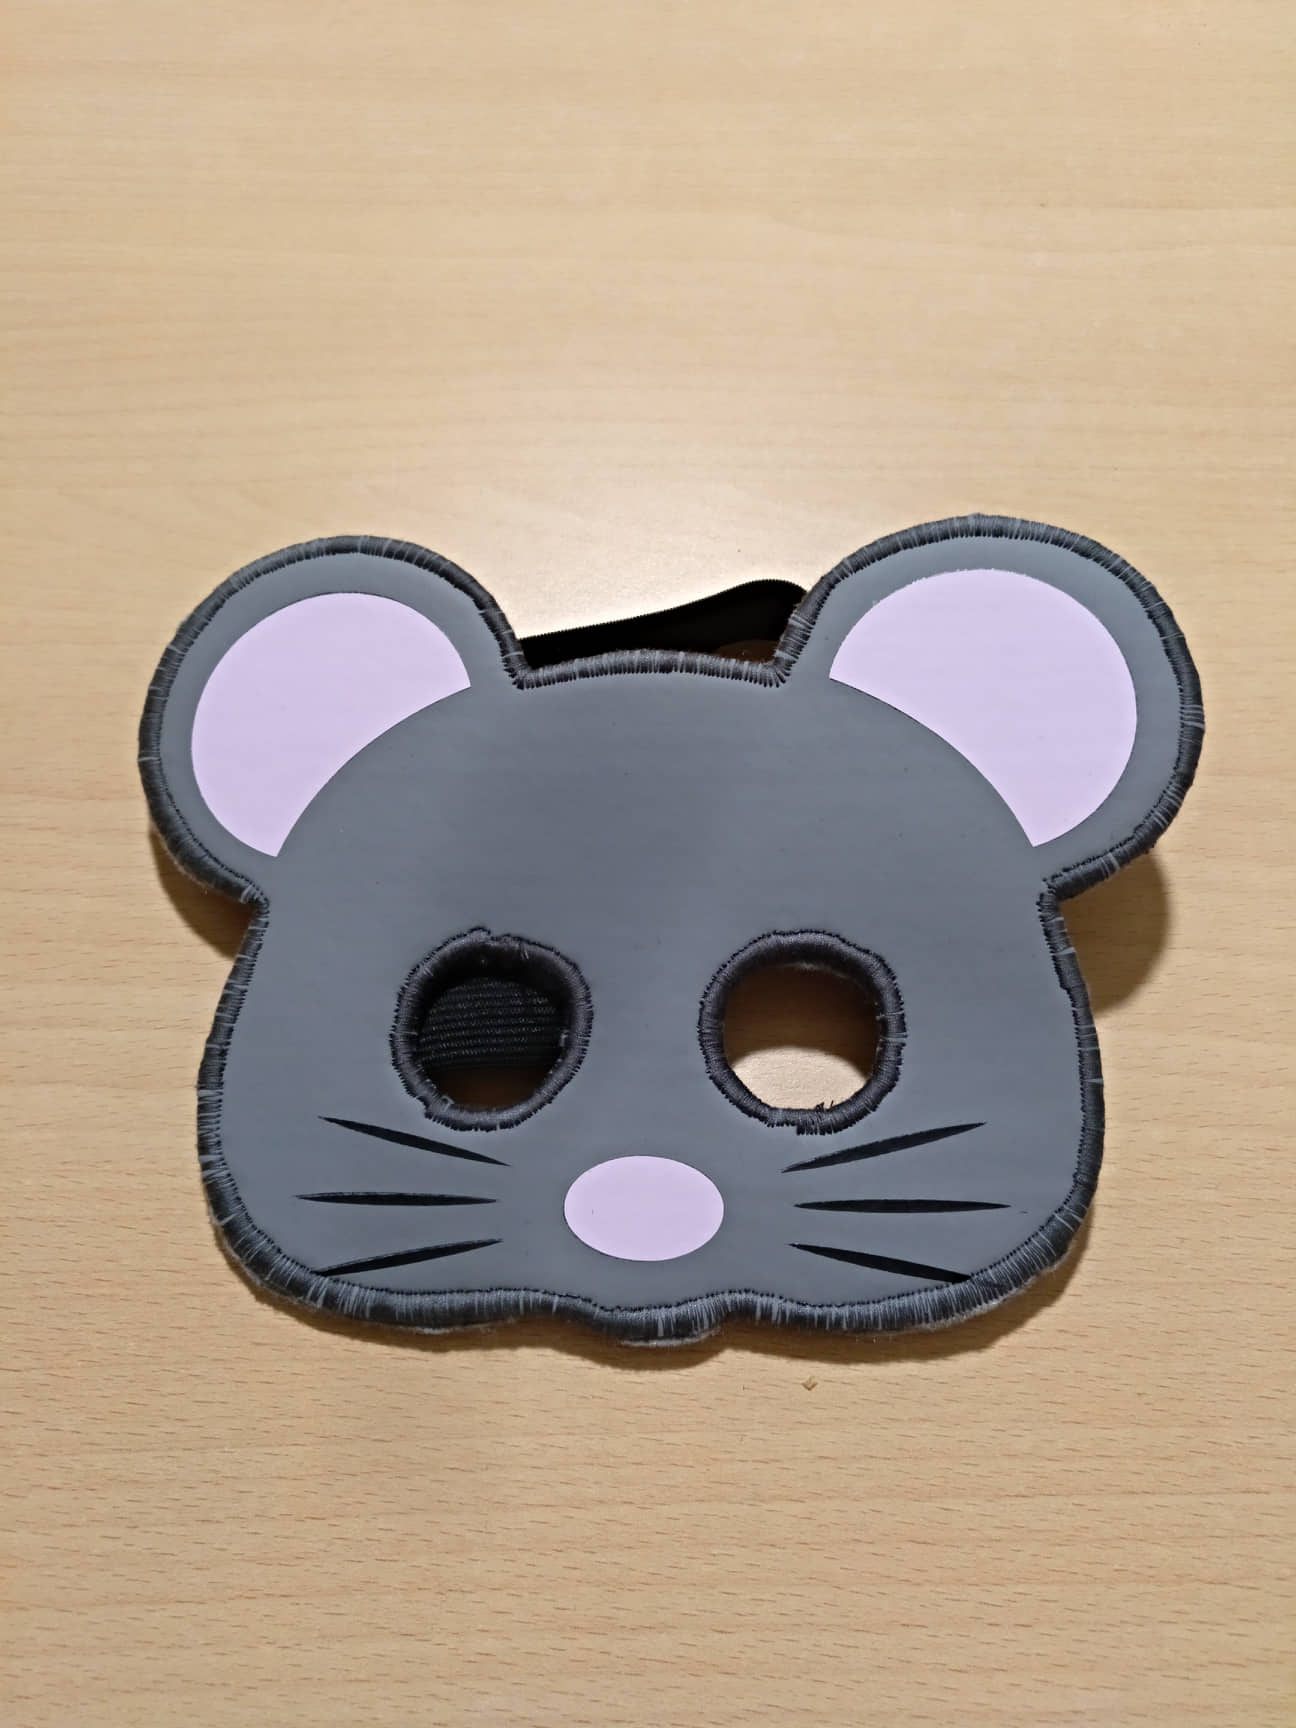 Schnittmuster Plottdatei Tiermasken Für Kinder 14 Teilig